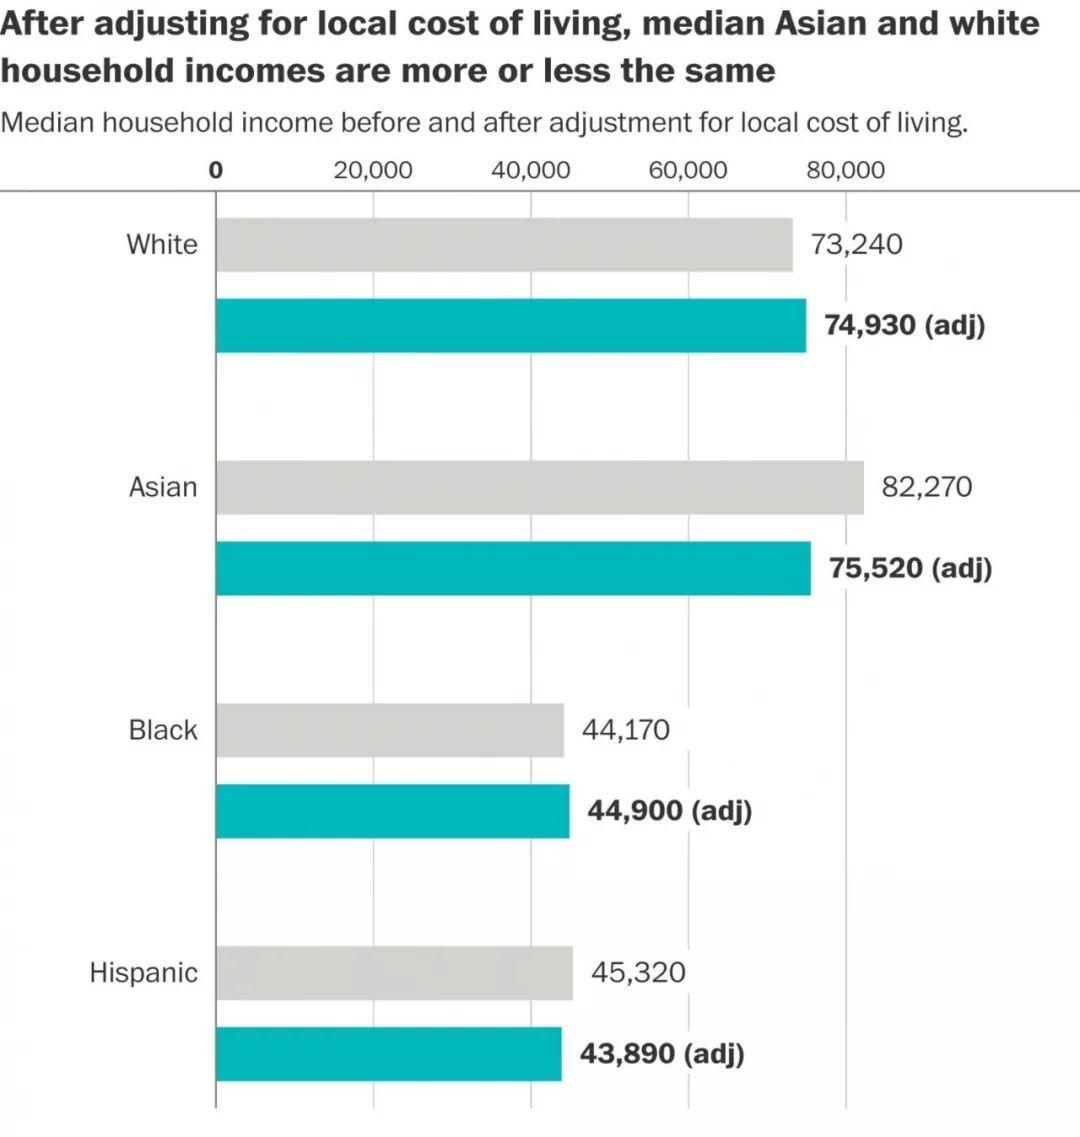 """所谓""""亚裔优势"""",实际上是错觉:多住在生活成本高的地区"""